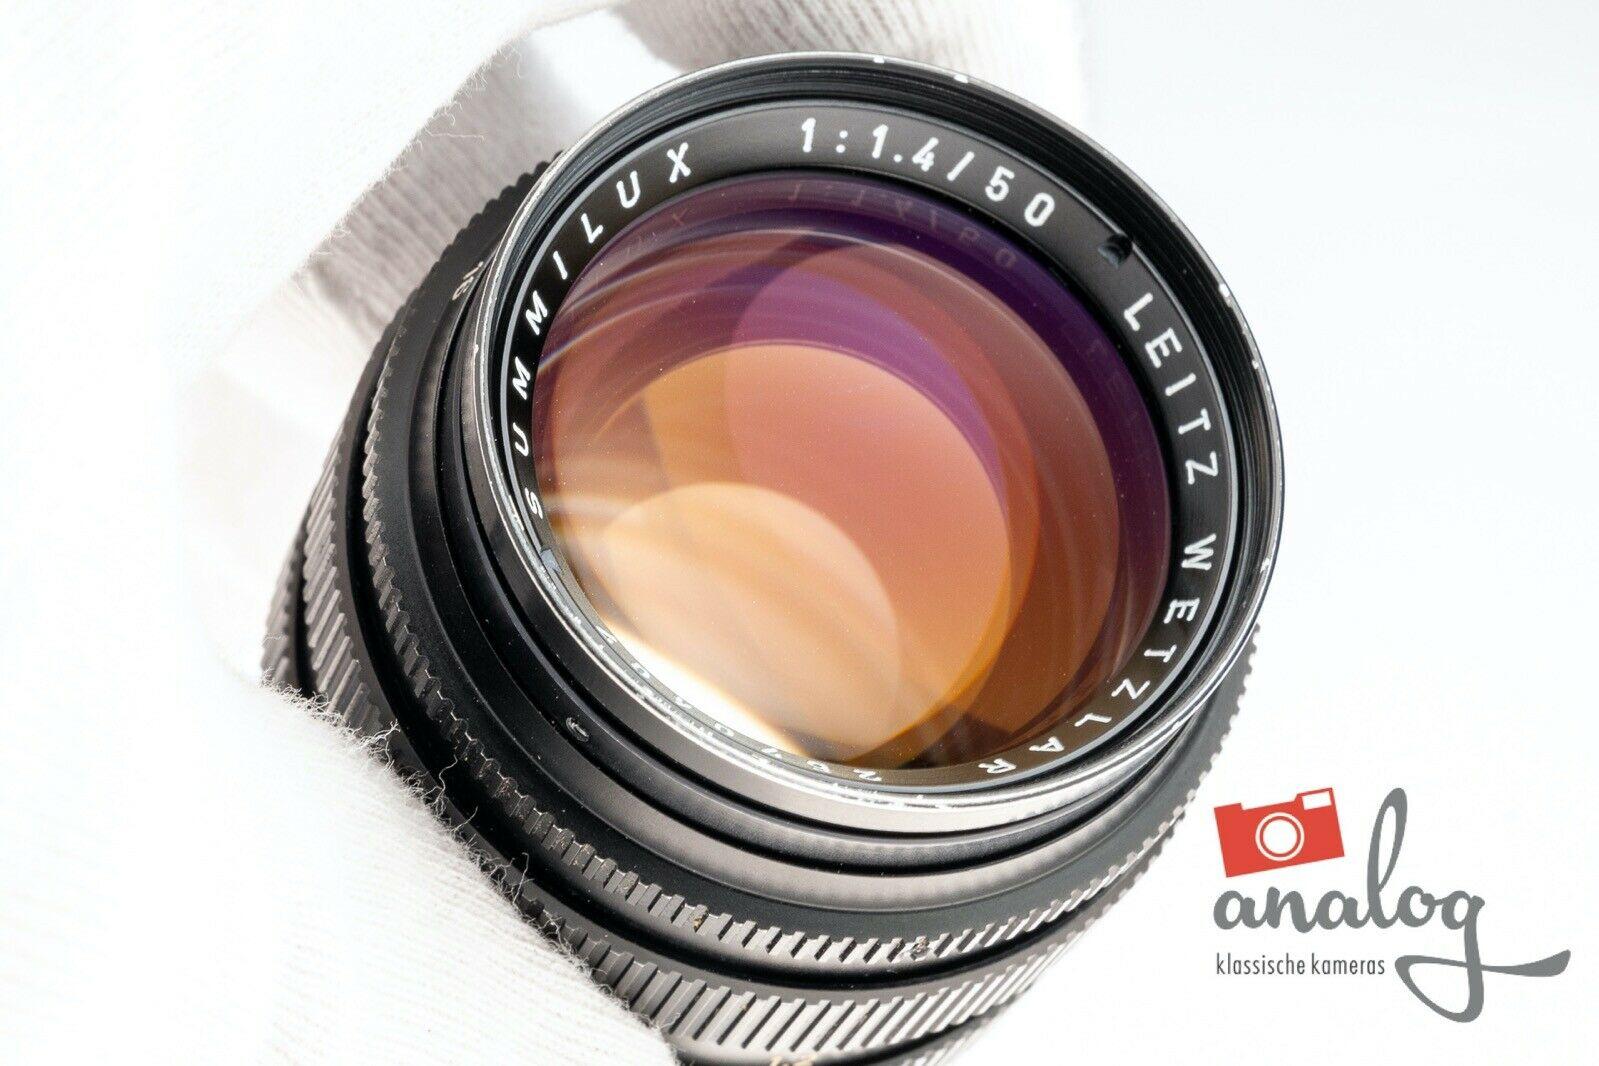 Leica Summilux-M 50mm 1.4 - 11114 (II) - E43 - werkstattüberholt*